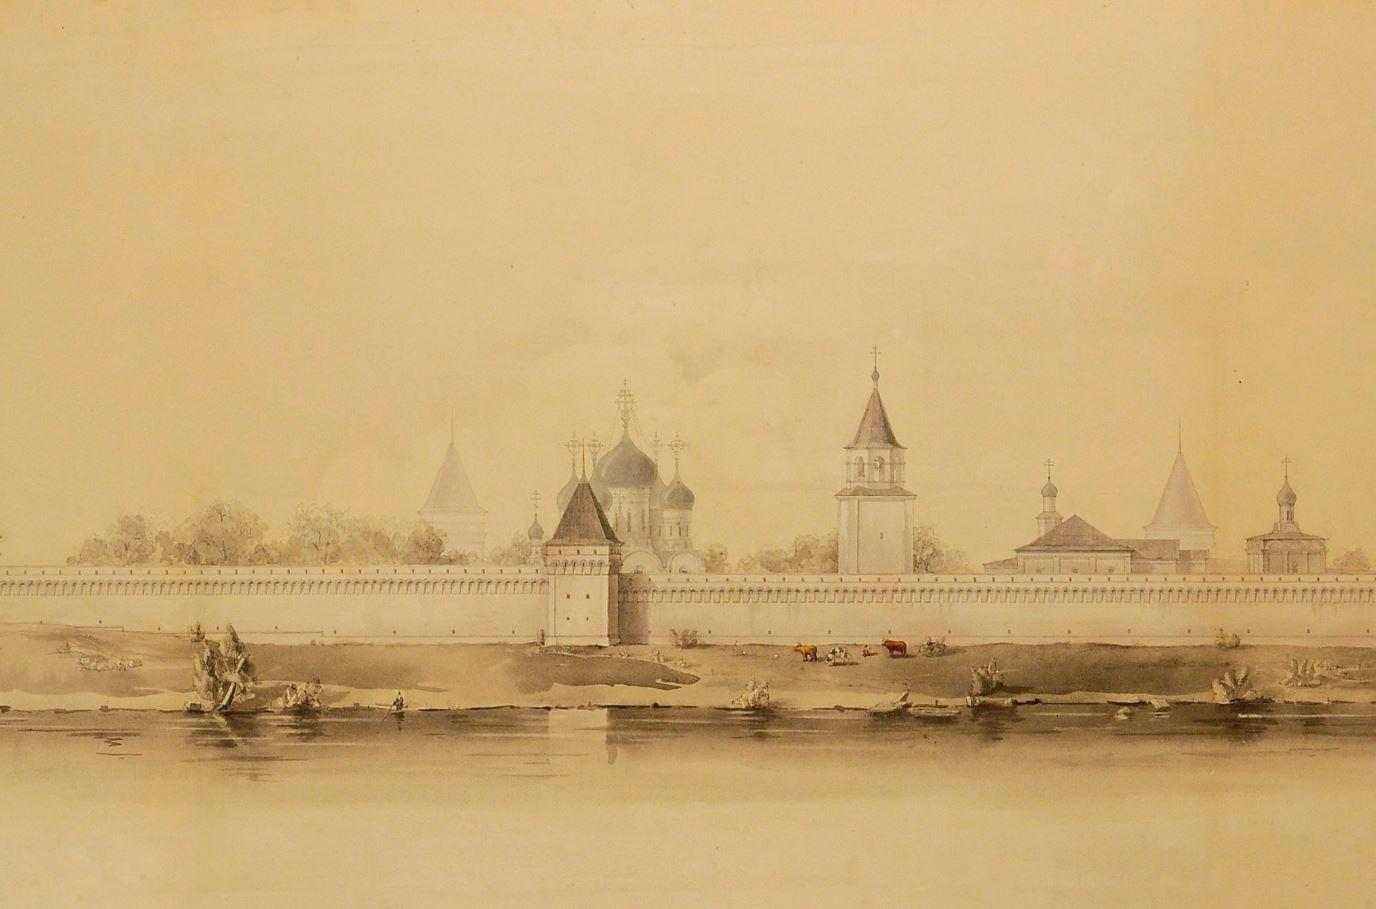 Л.А. Петров. Макарьевский Калязин монастырь. Проект реконструкции. 1940